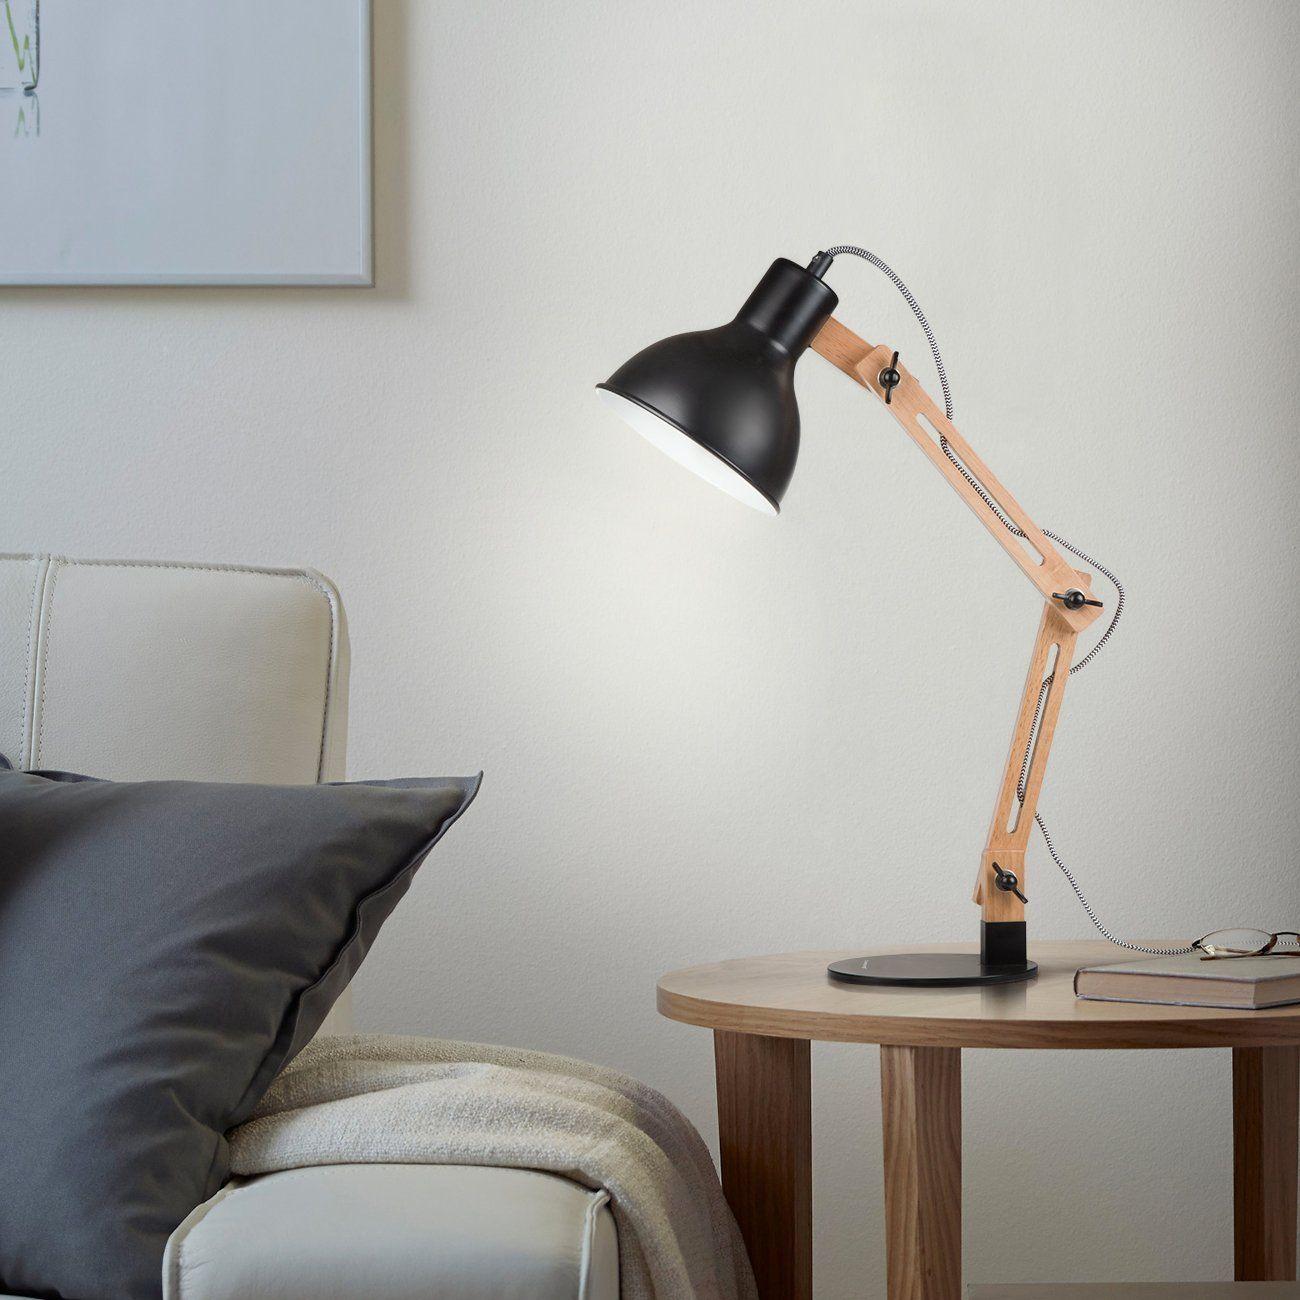 Geräumig Coole Nachttischlampe Das Beste Von Tomons Schreibtischlampe - Https://www.concept.de/tomons-schreibtischlampe-augenfreundliche-arbeitsleuchte- Nachttischlampe-schwarz/dp/b016xjg7su